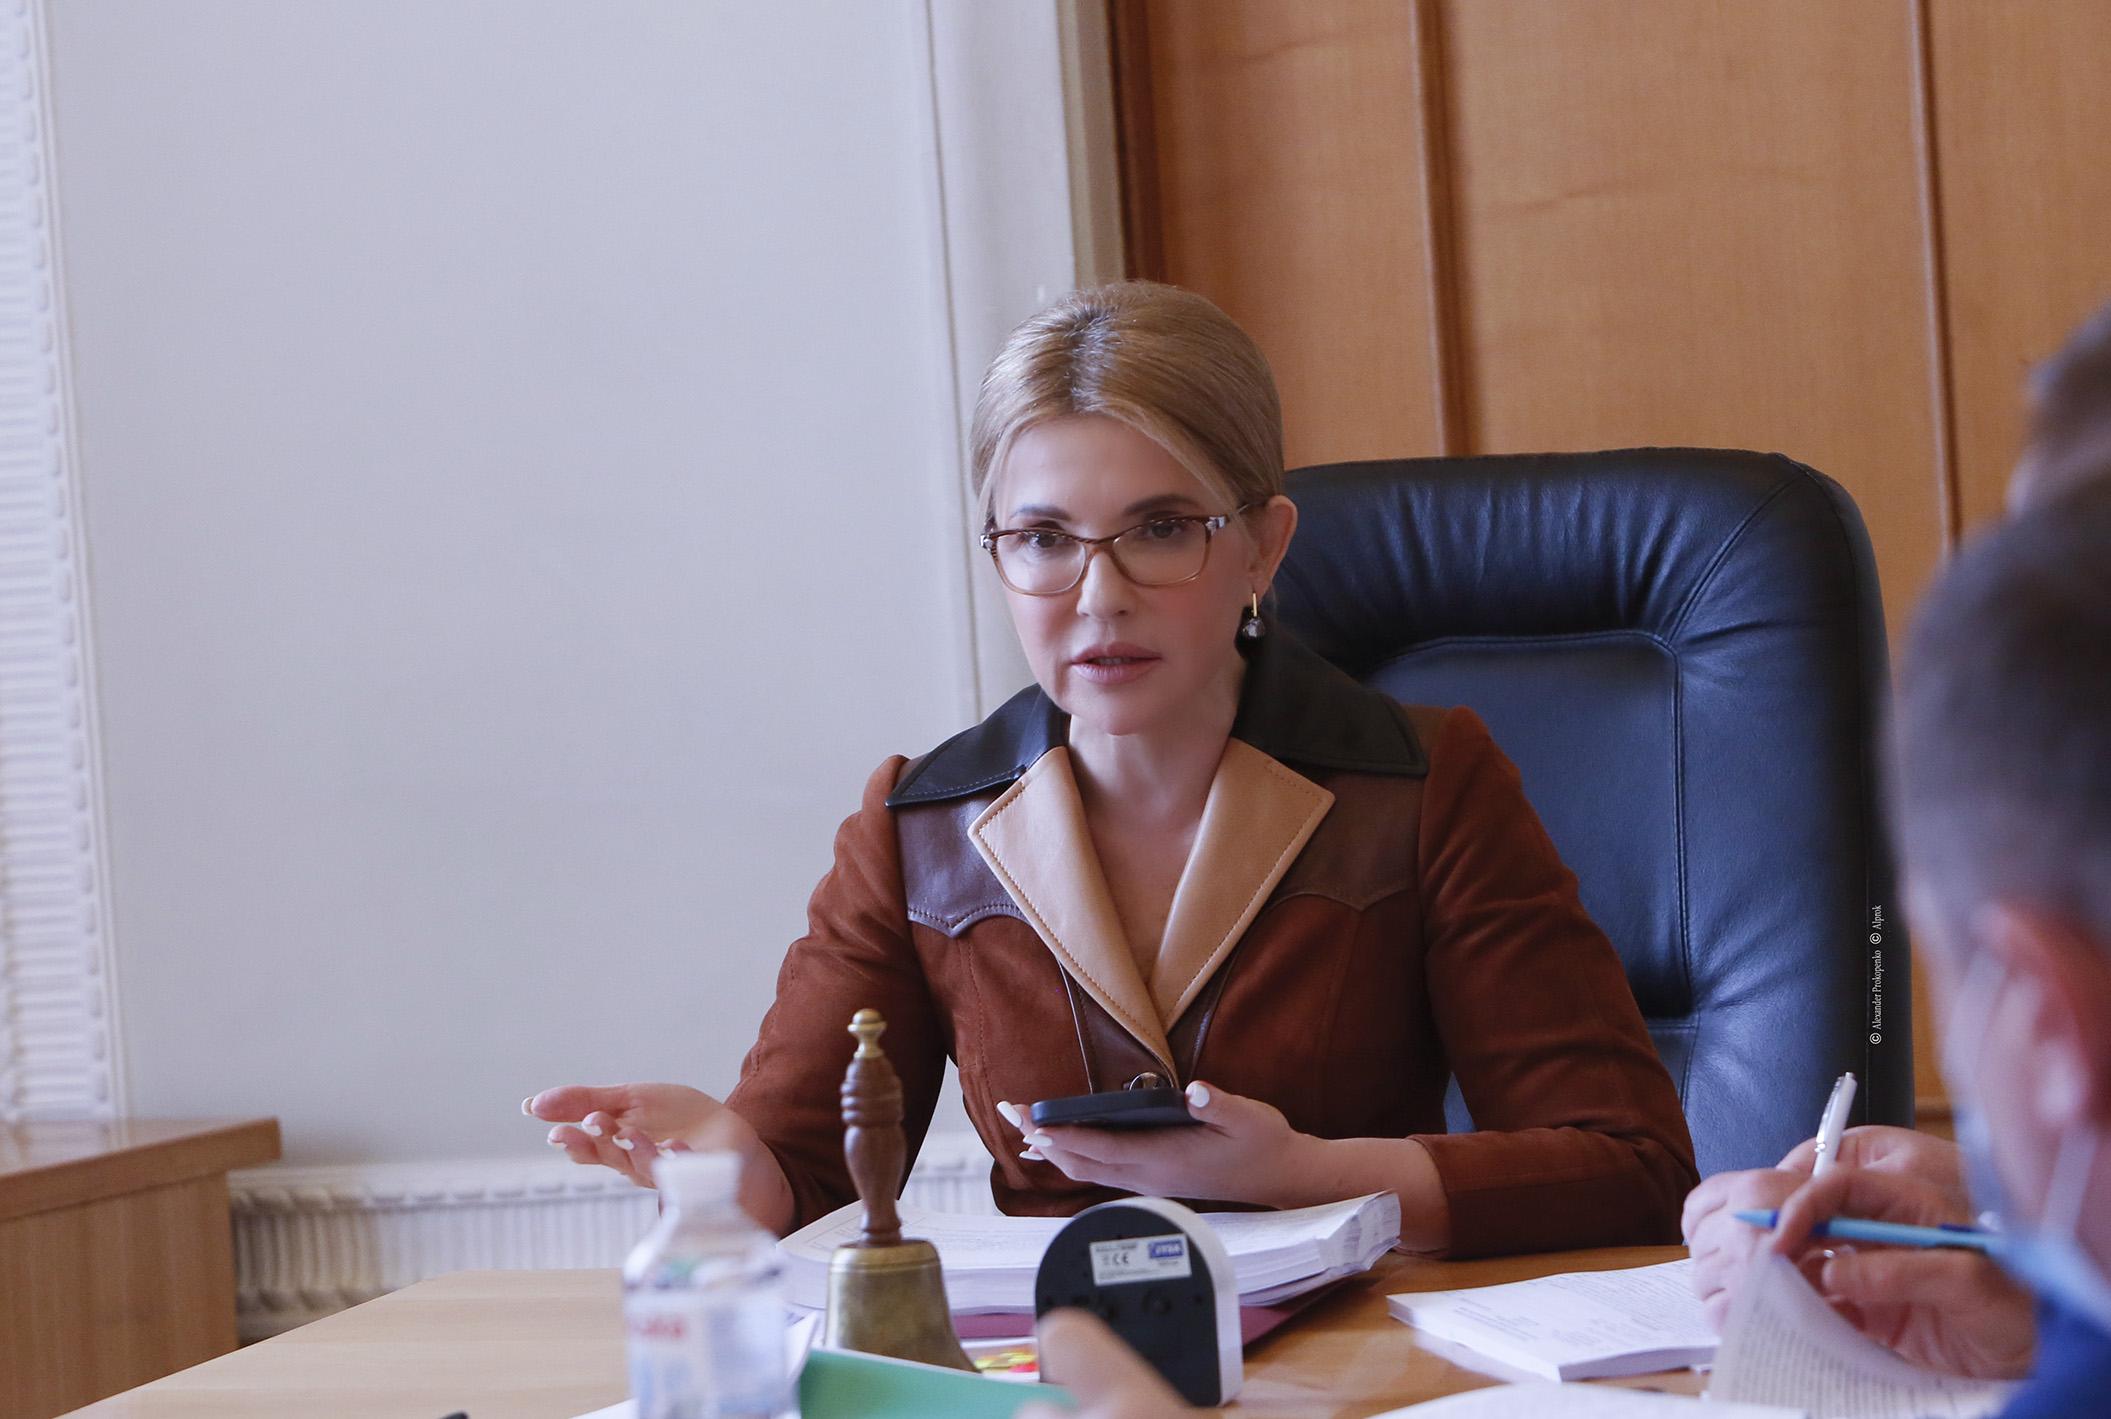 Юлія Тимошенко й «Батьківщина» – єдина фракція, яка не дала жодного голосу за розпродаж землі іноземцям